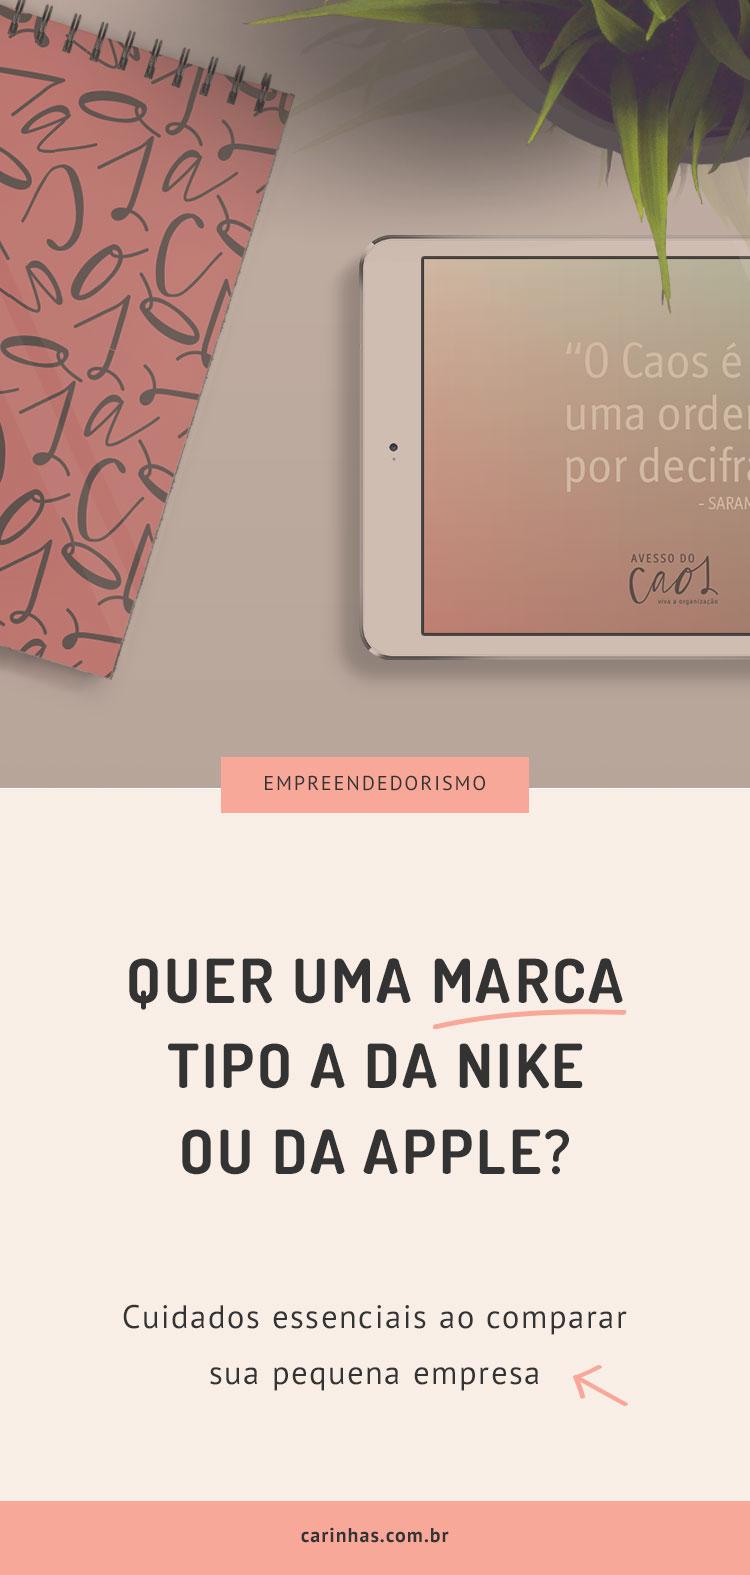 Quer uma marca tipo a da Nike ou da Apple?